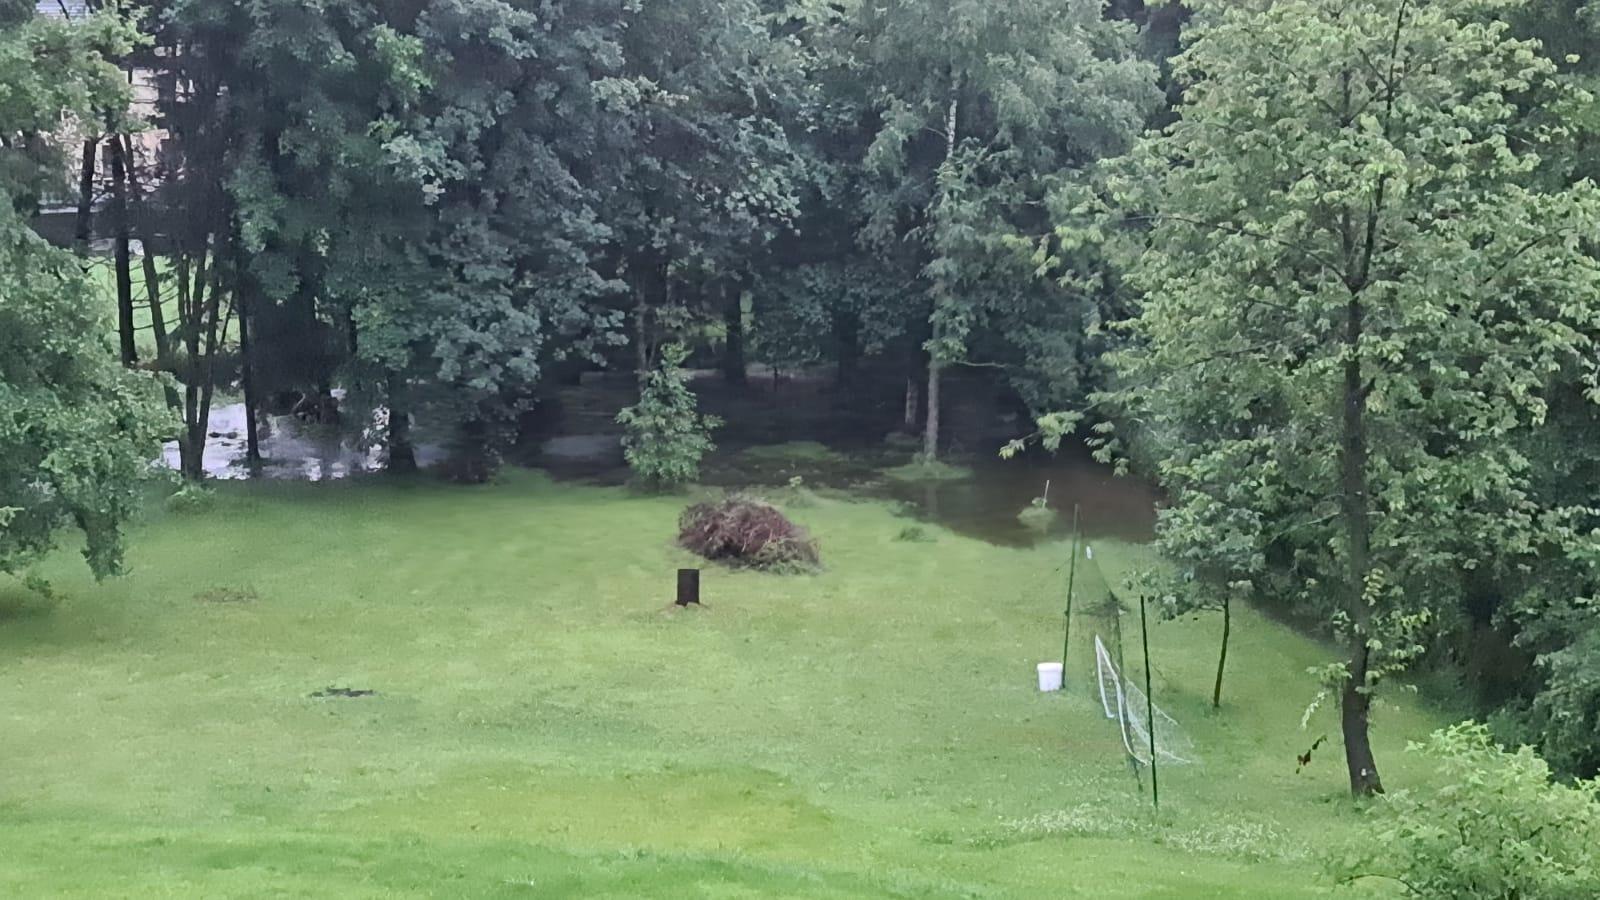 Hochwasser: Hauset blieb verschont